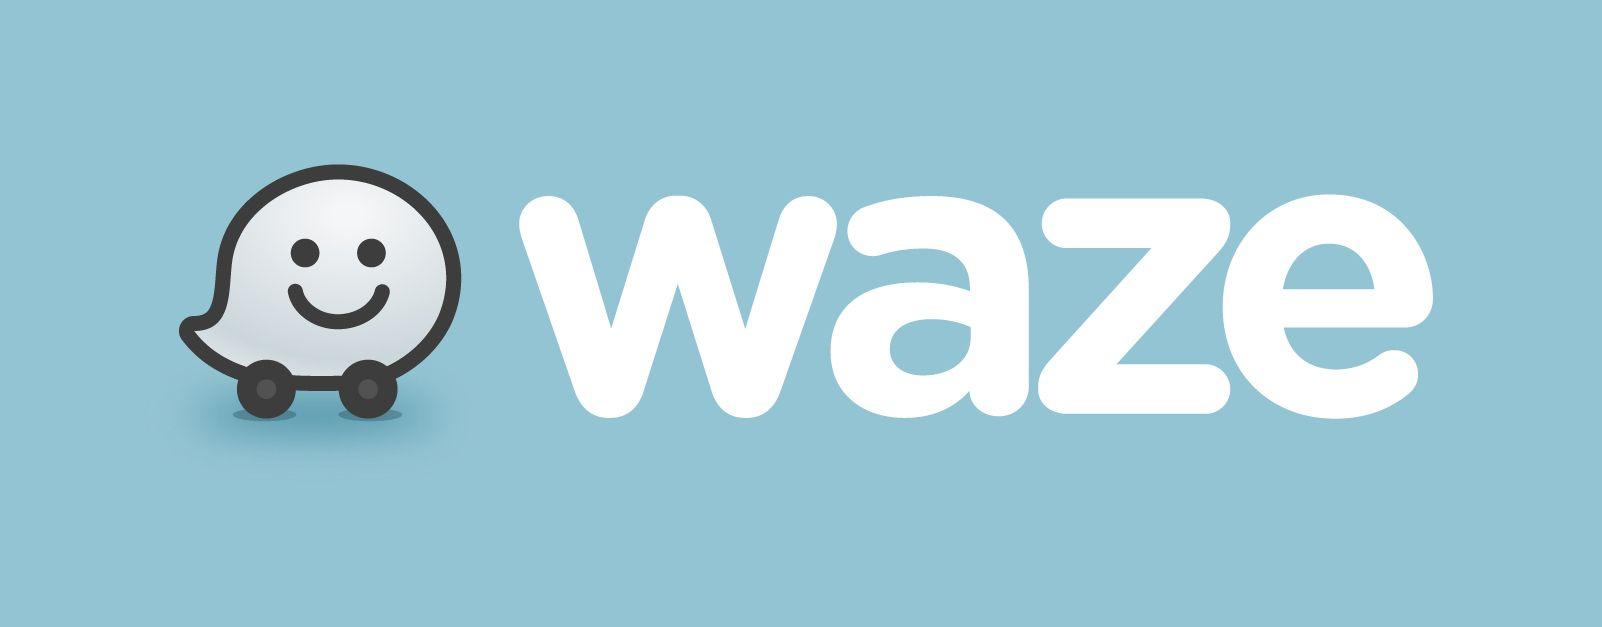 Waze Ads